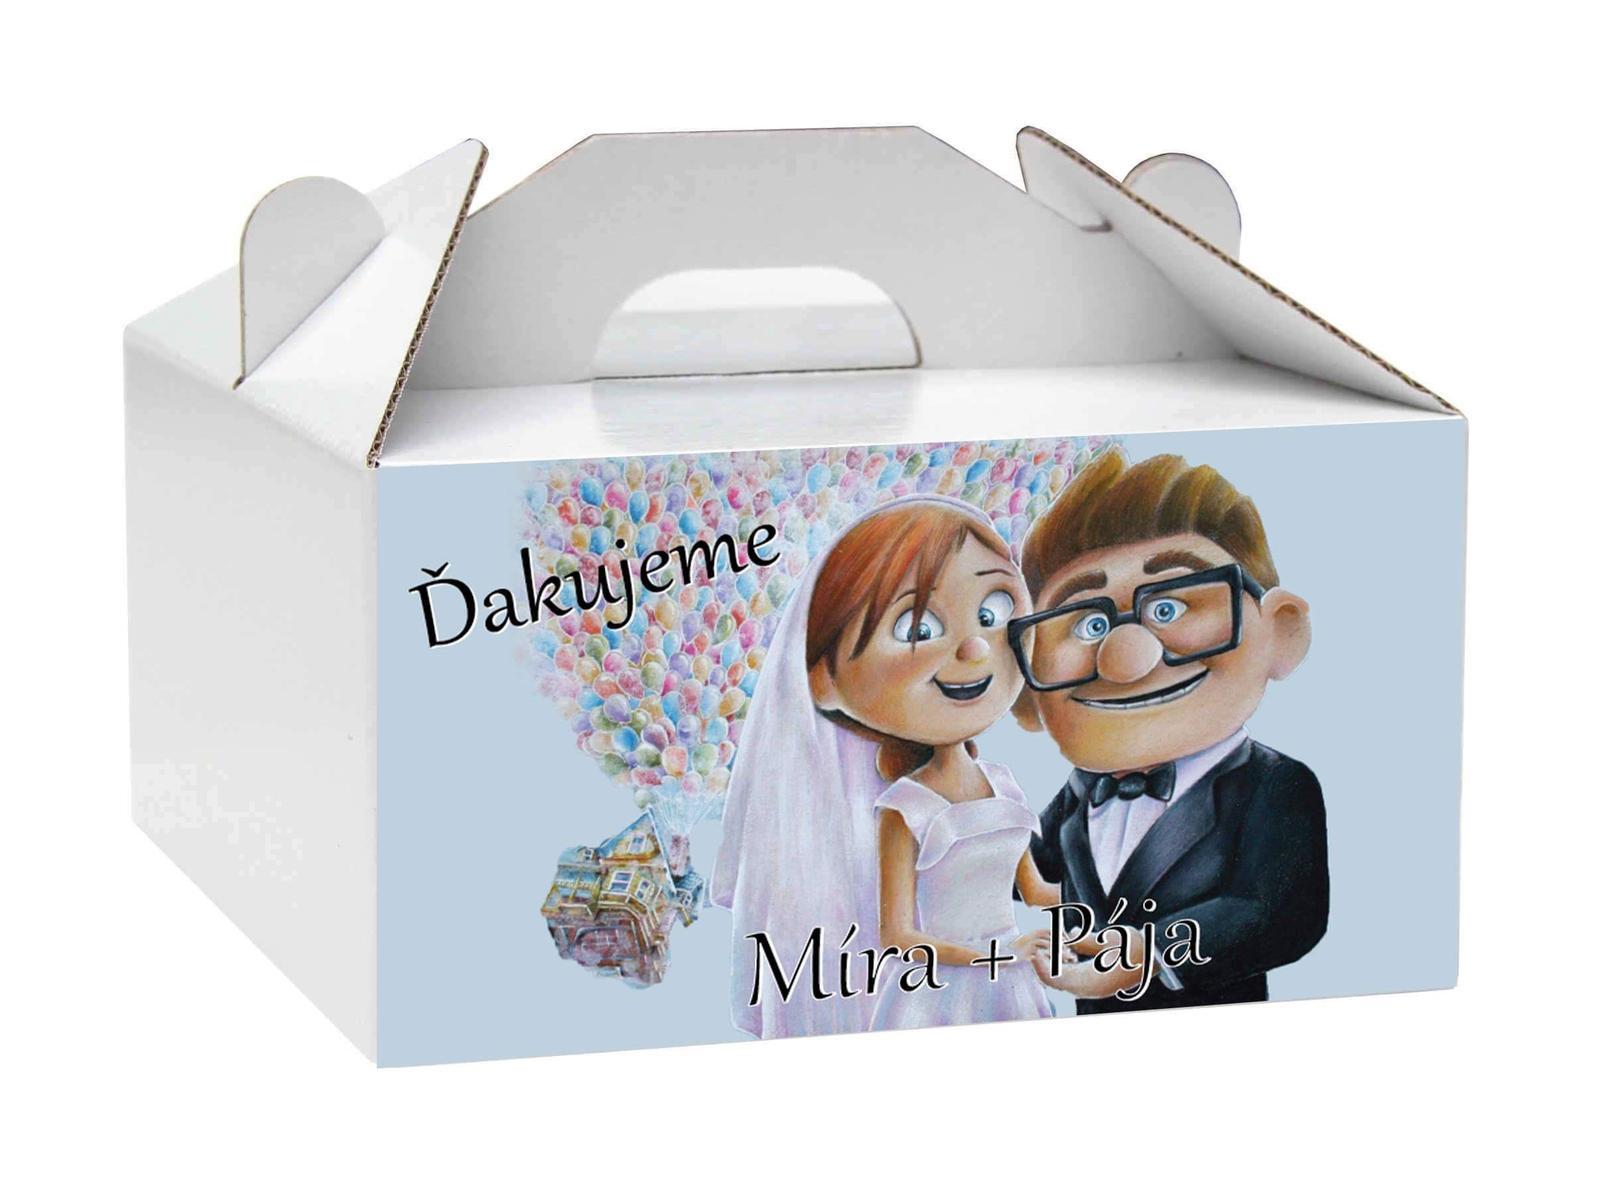 Krabica na vyslužku - Obrázok č. 1